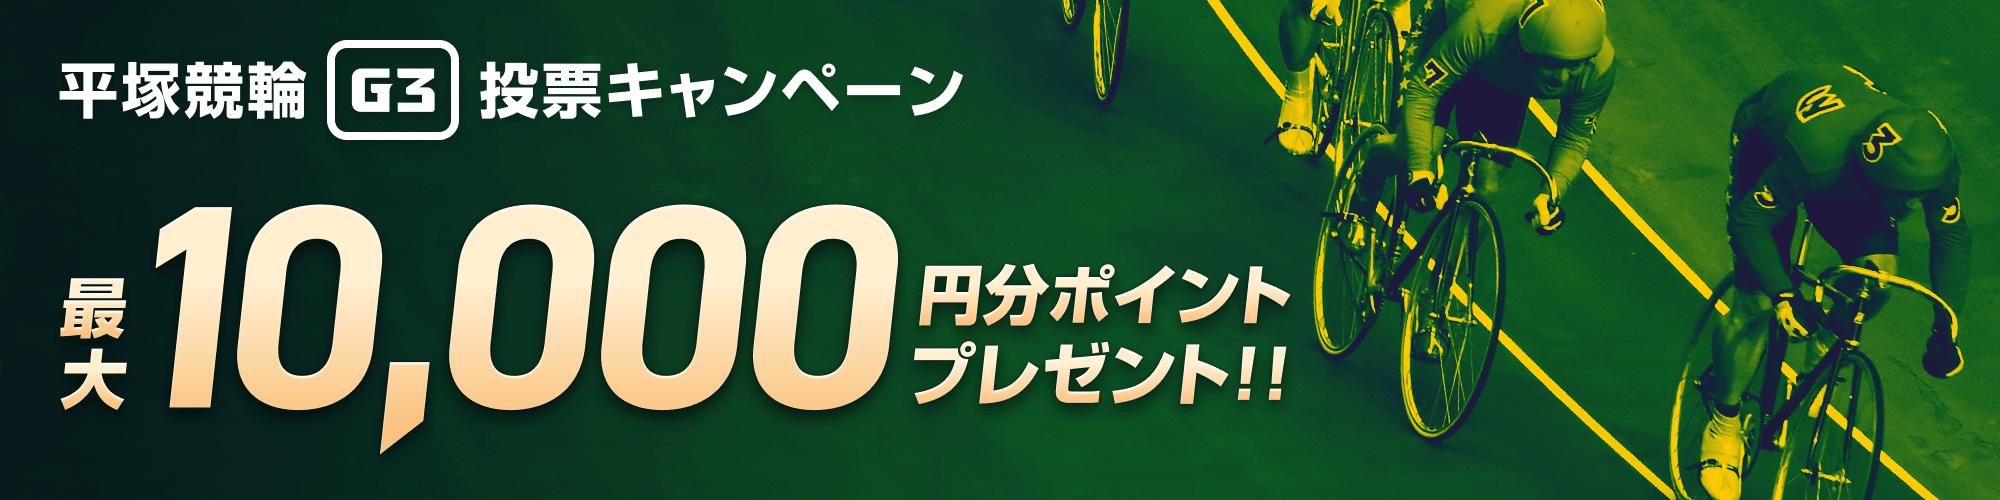 【同時実施】平塚競輪G3 投票キャンペーン